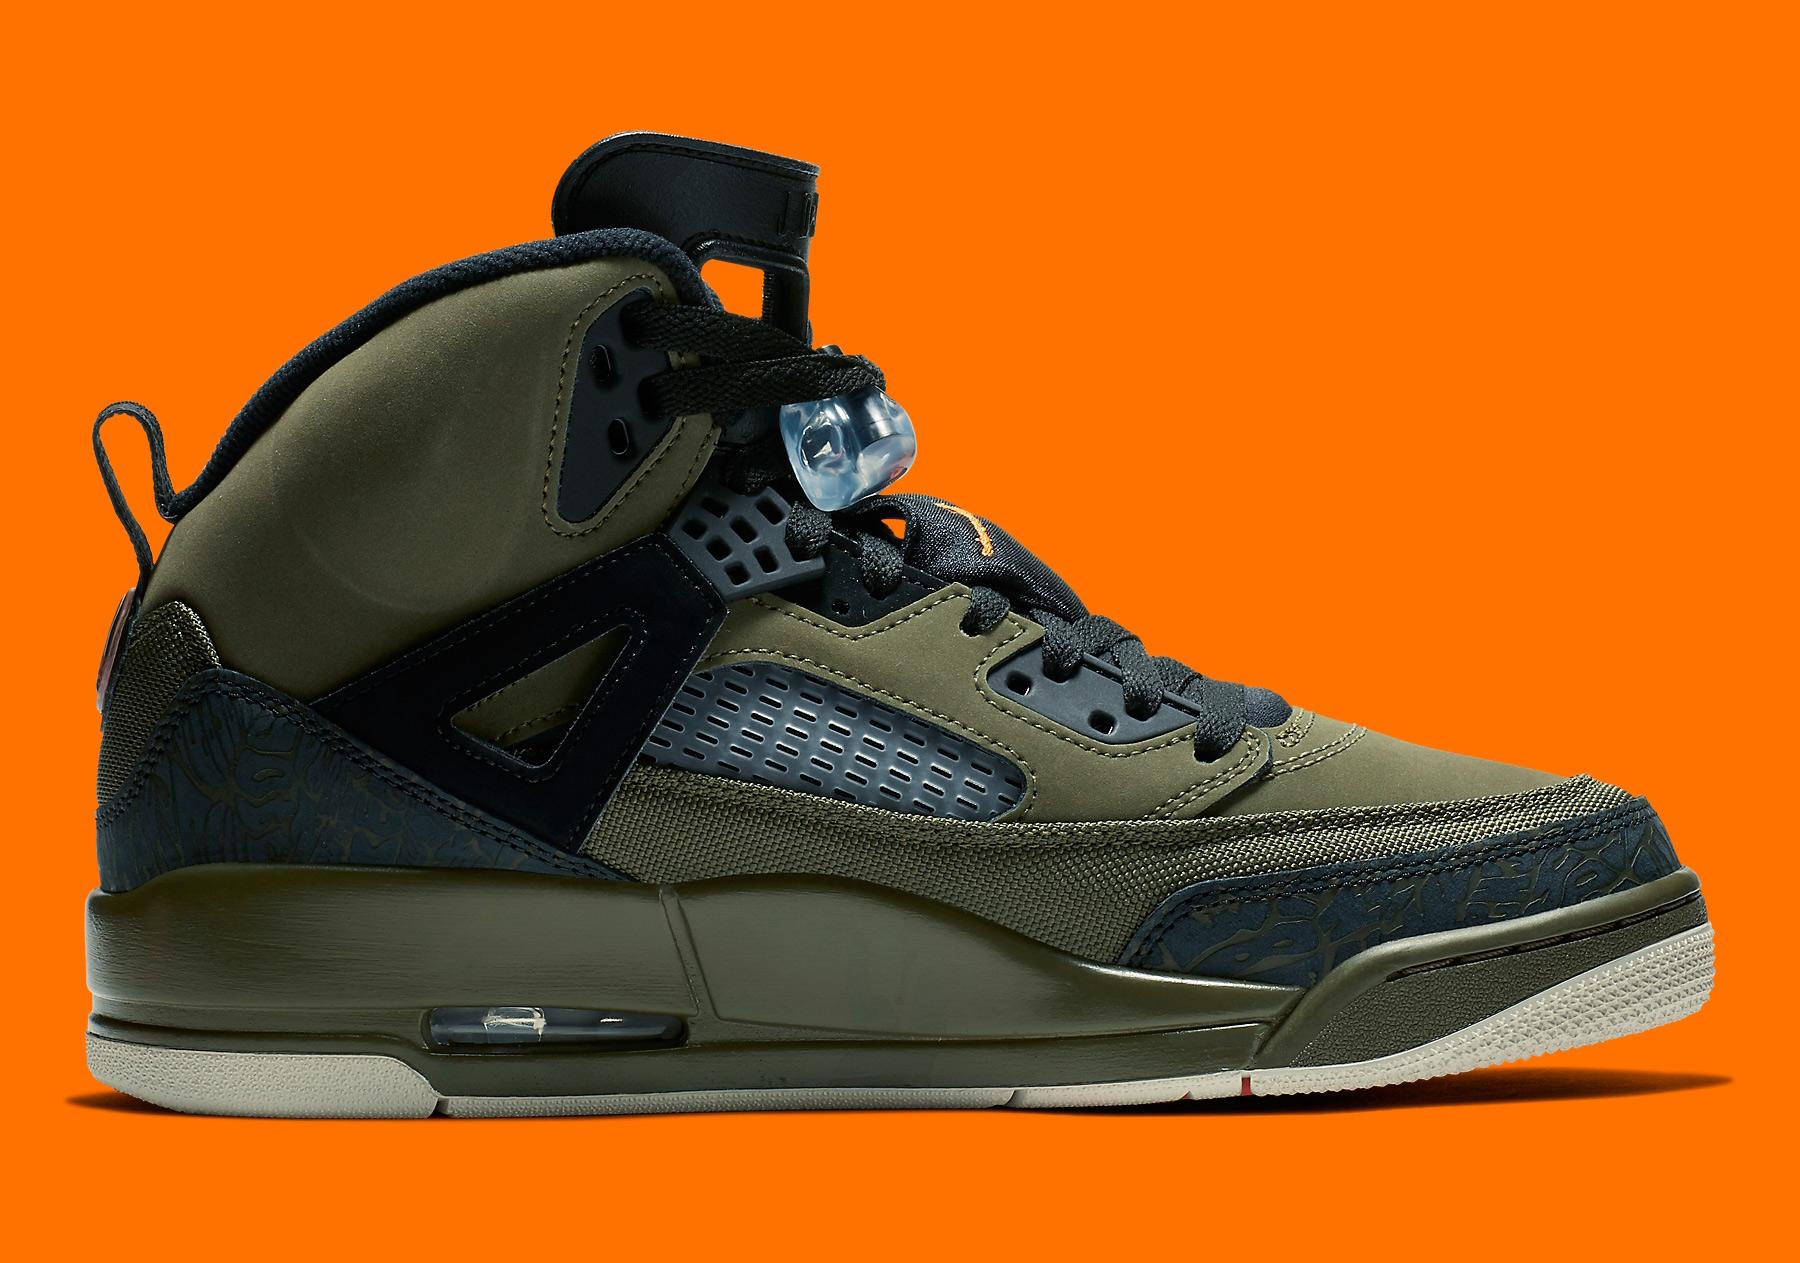 Jordan Spizike 315371-300 Olive Orange